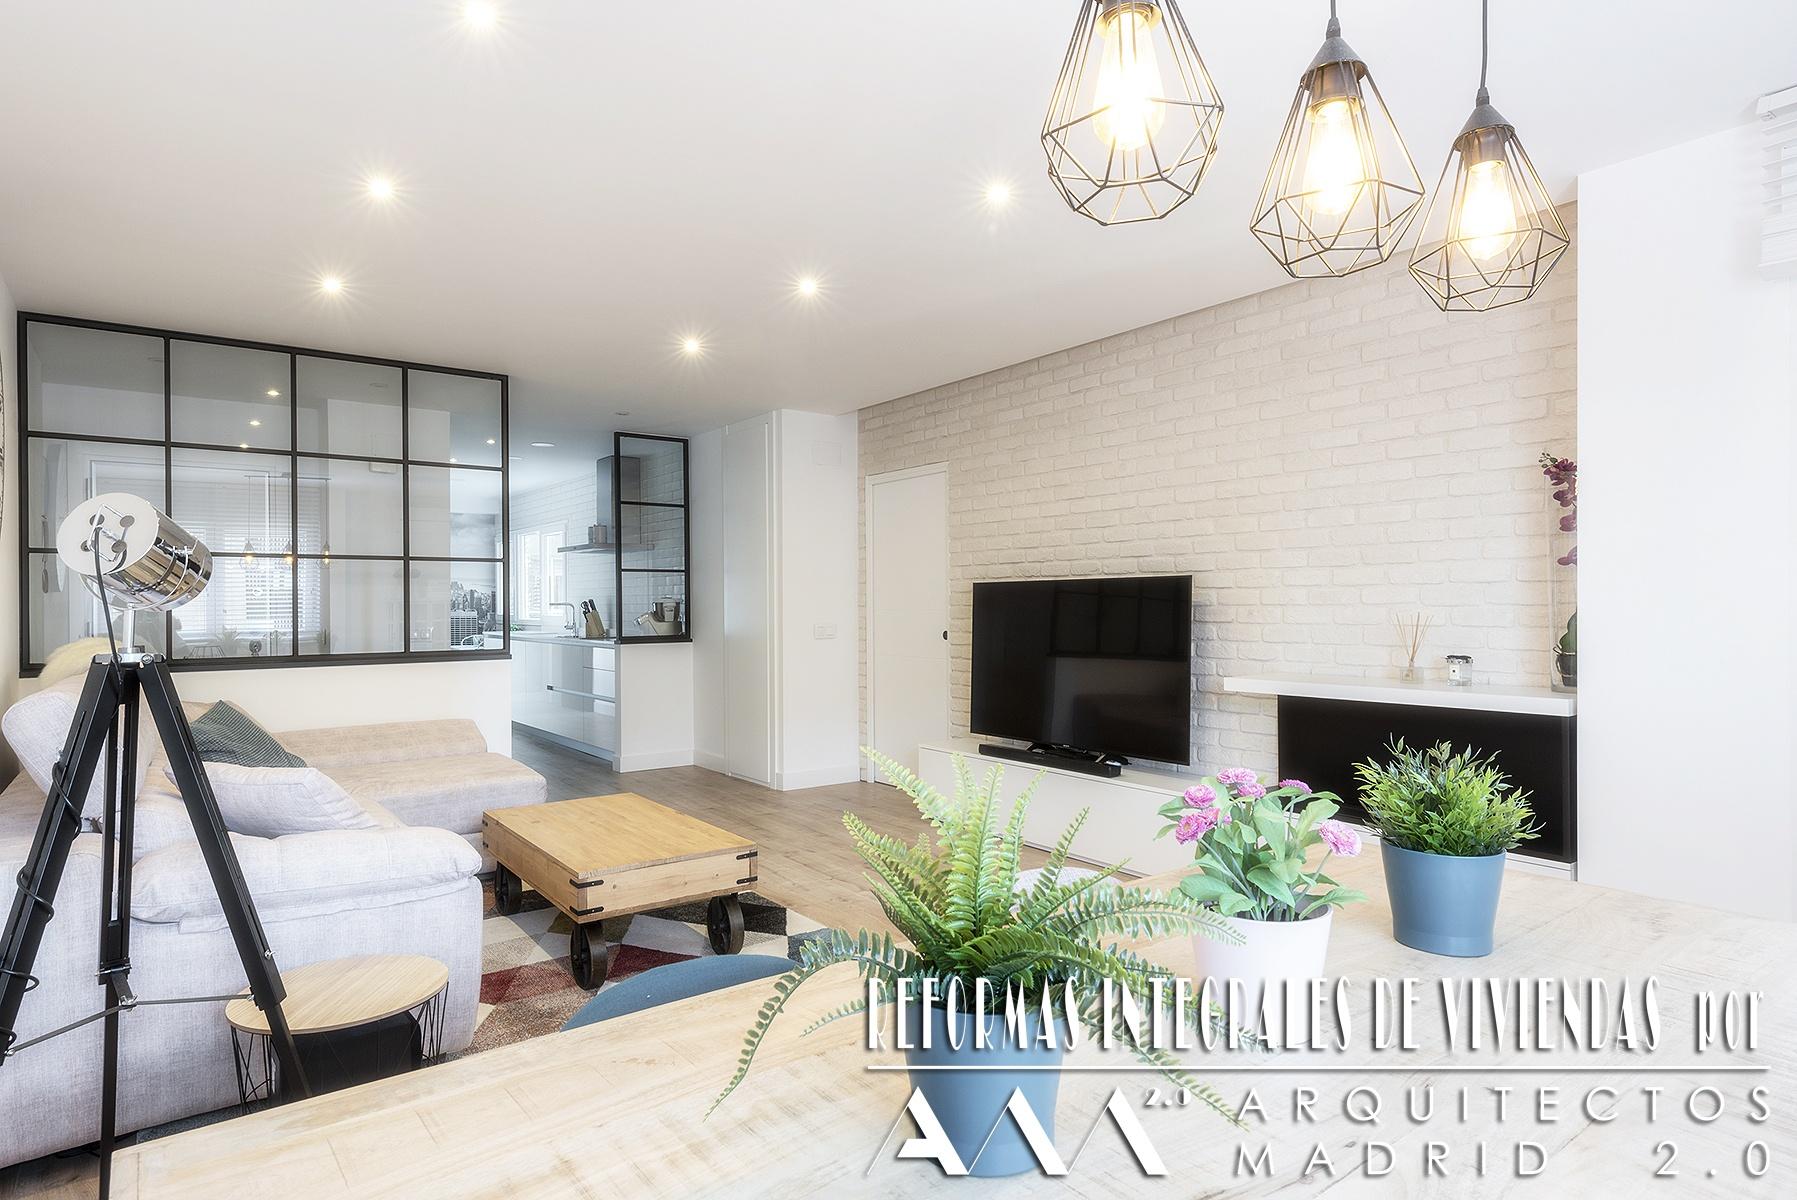 reformas-viviendas-proyectos-casas-pisos-apartamentos-arquitectos-madrid-7